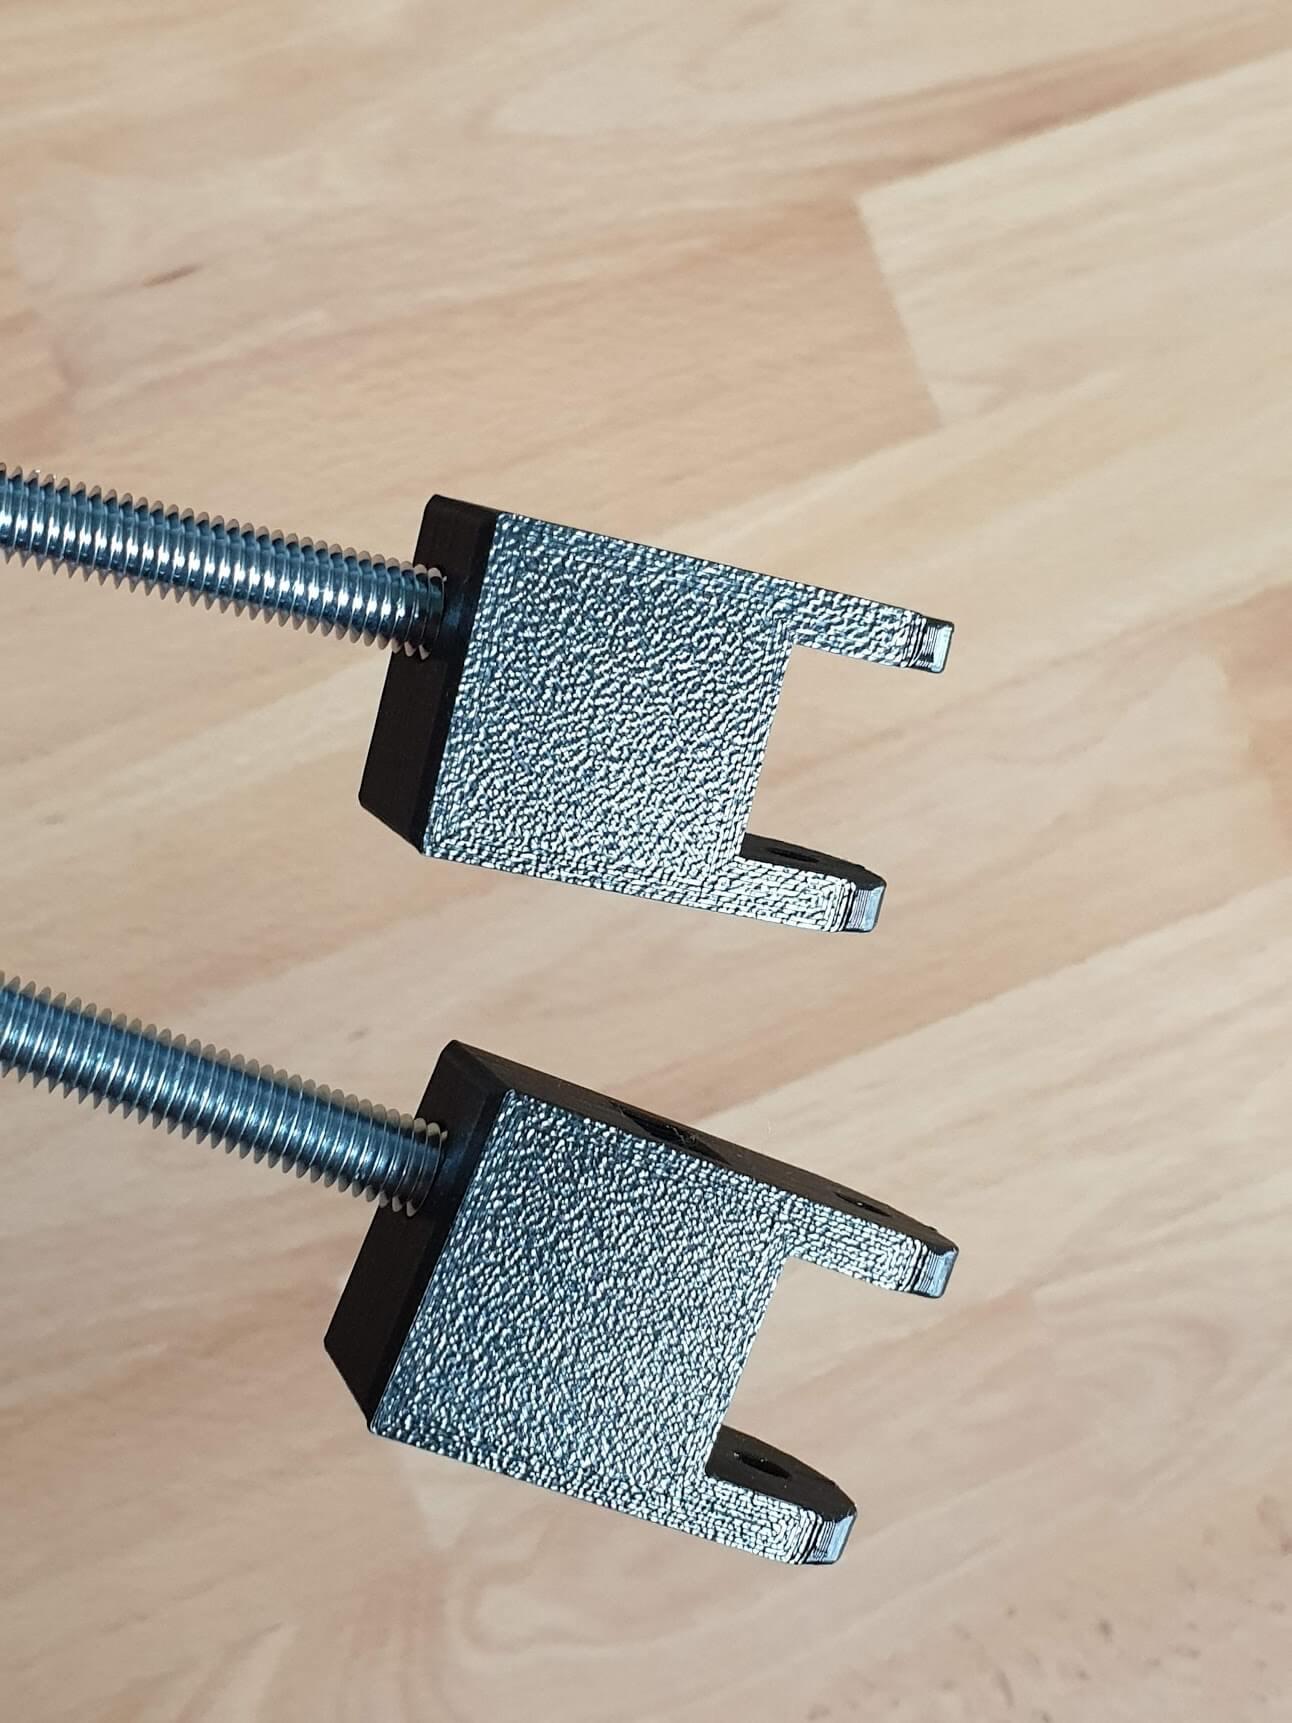 Z Axis Brace - Sidewinder X1 Upgrades